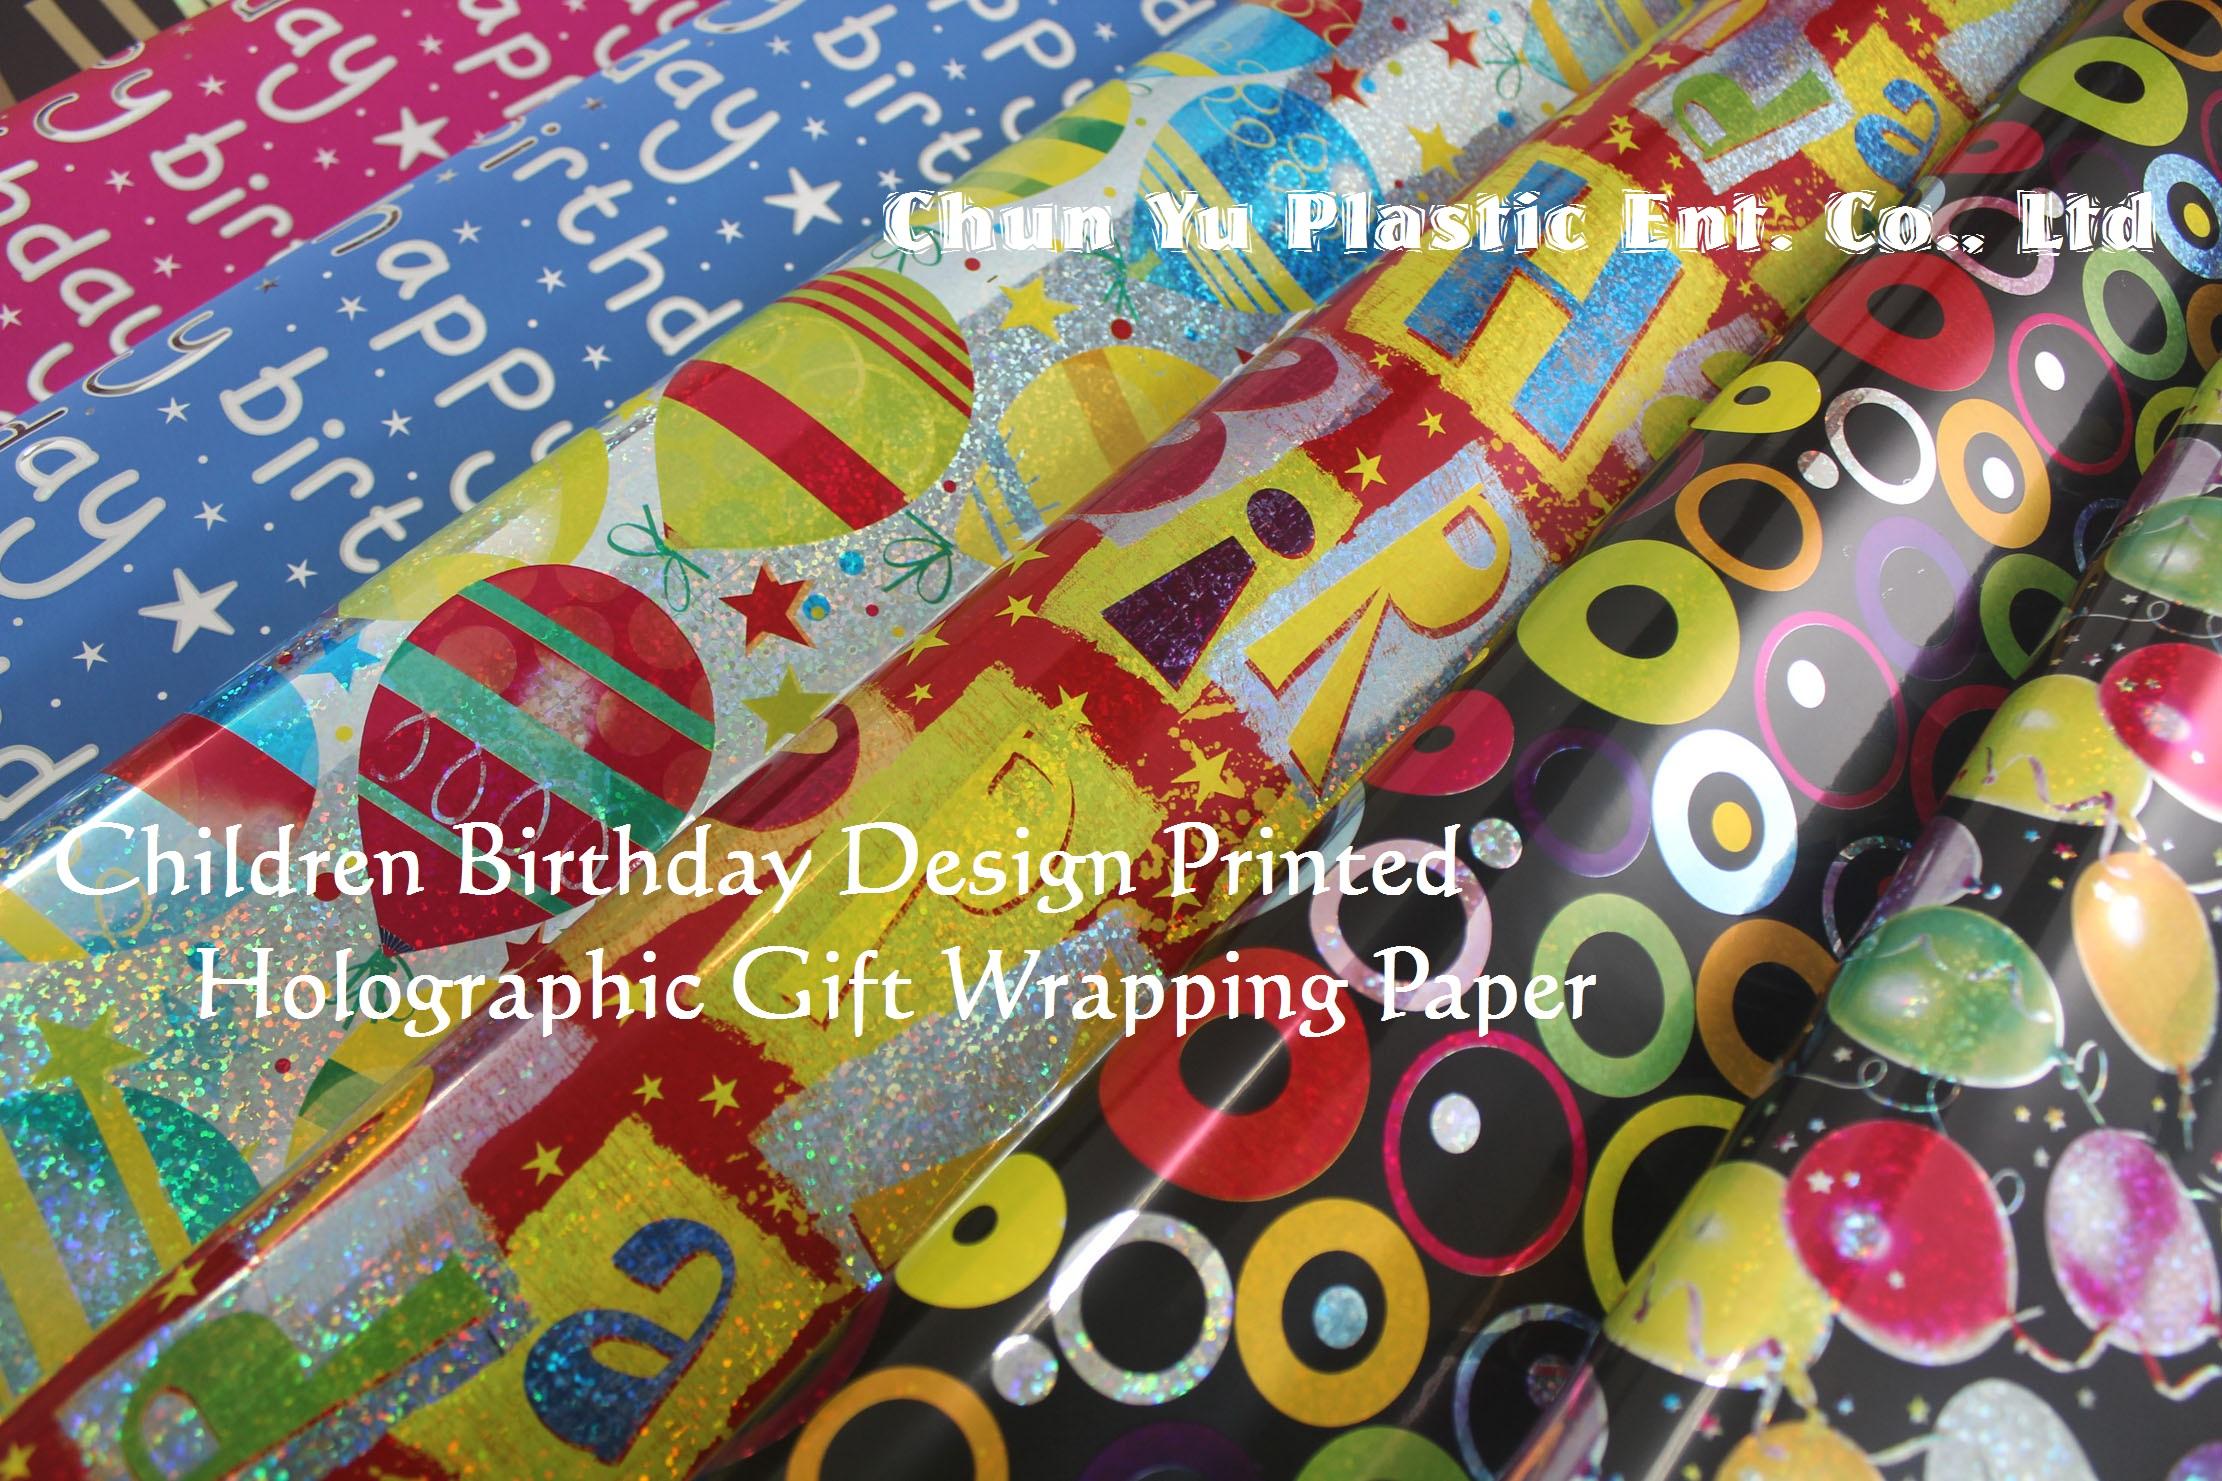 Holographisches Geschenkpapier gedruckt mit Kinderentwürfen für Geburtstags- und Feierlichkeiten. Unser holografisches Geschenkpapier zum Geburtstag enthält Designs für Mädchen und Jungen.